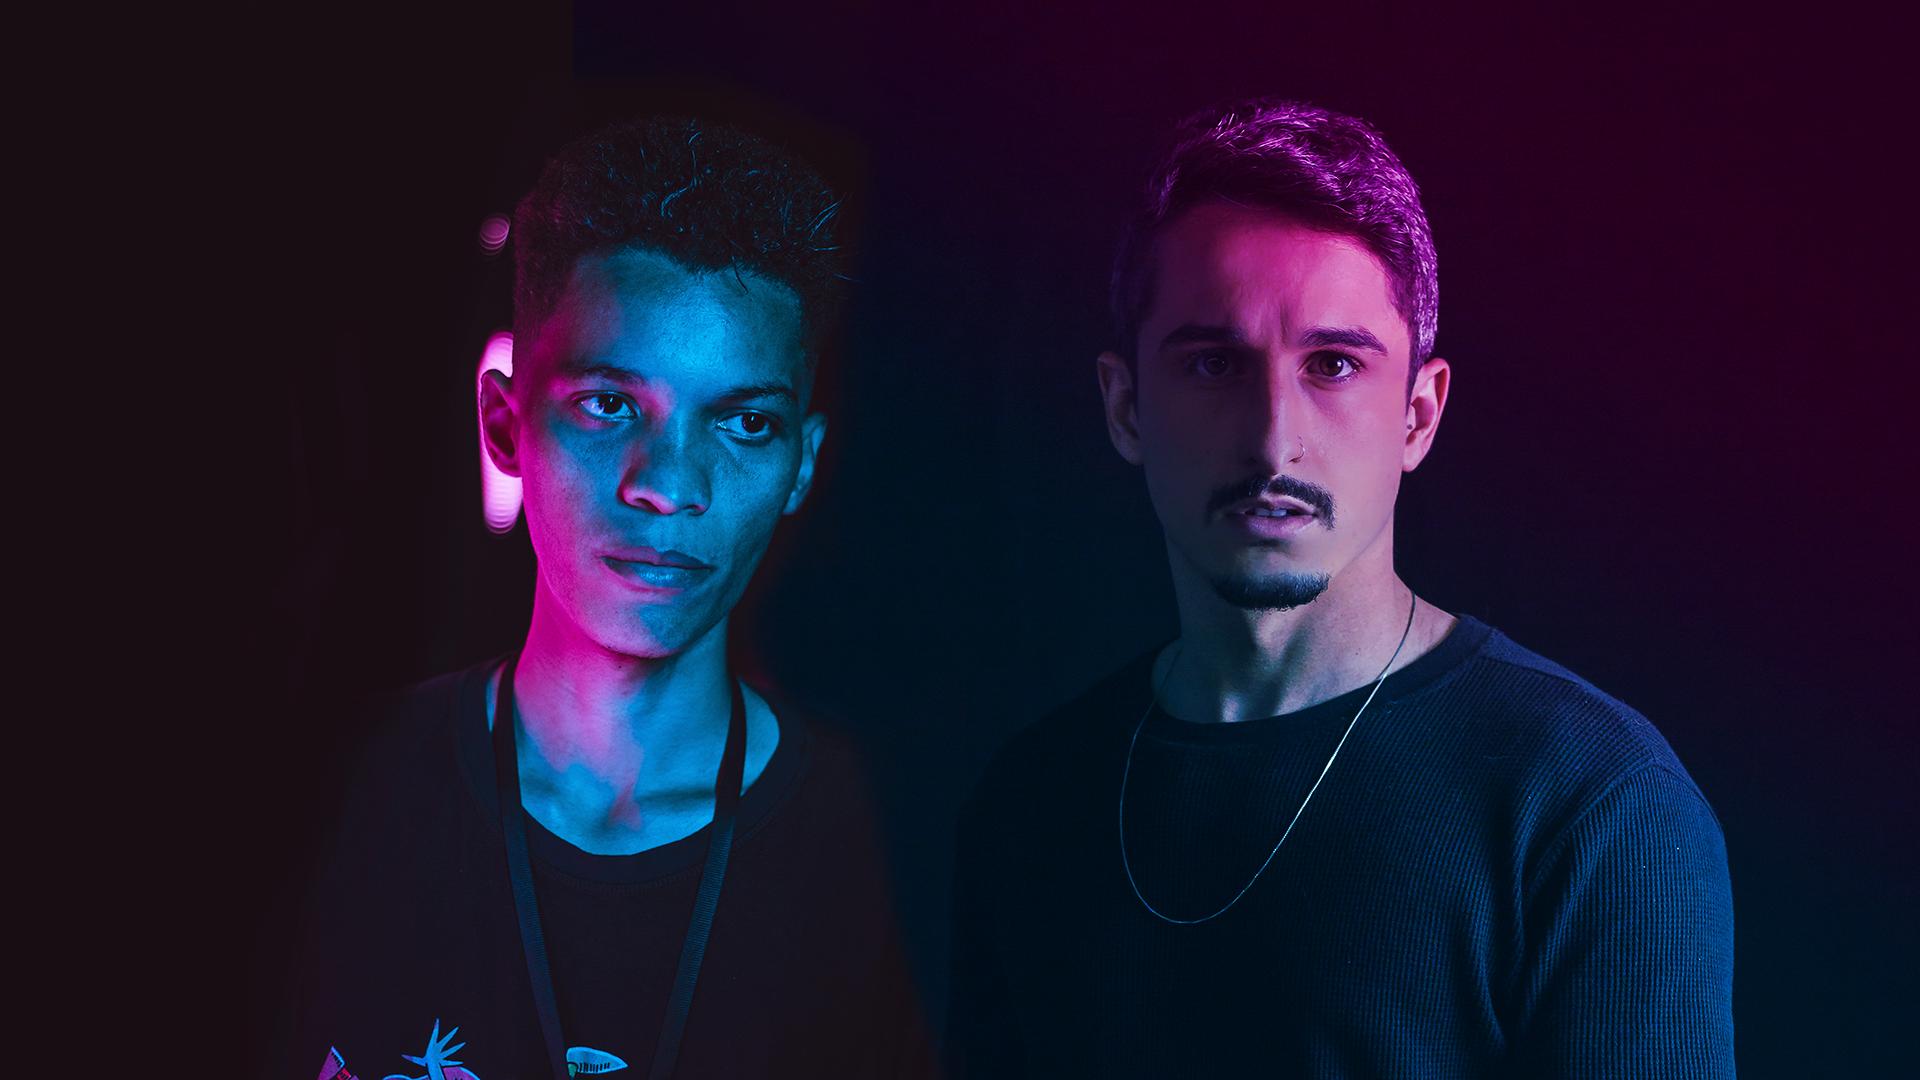 PREMIERE Lucas Noiser e Bumpz lançam a dançante 22Choices22 pela Vibez Sounds